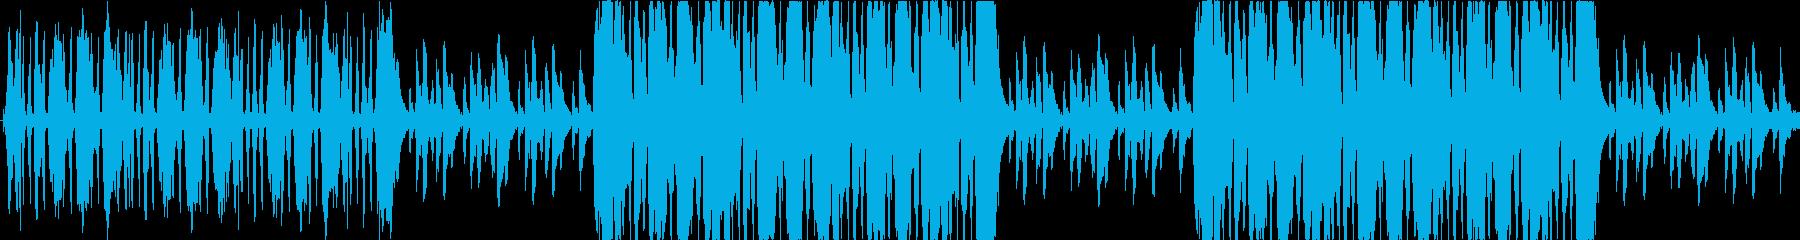 RPGの宮殿・城砦の重厚なオーケストラの再生済みの波形